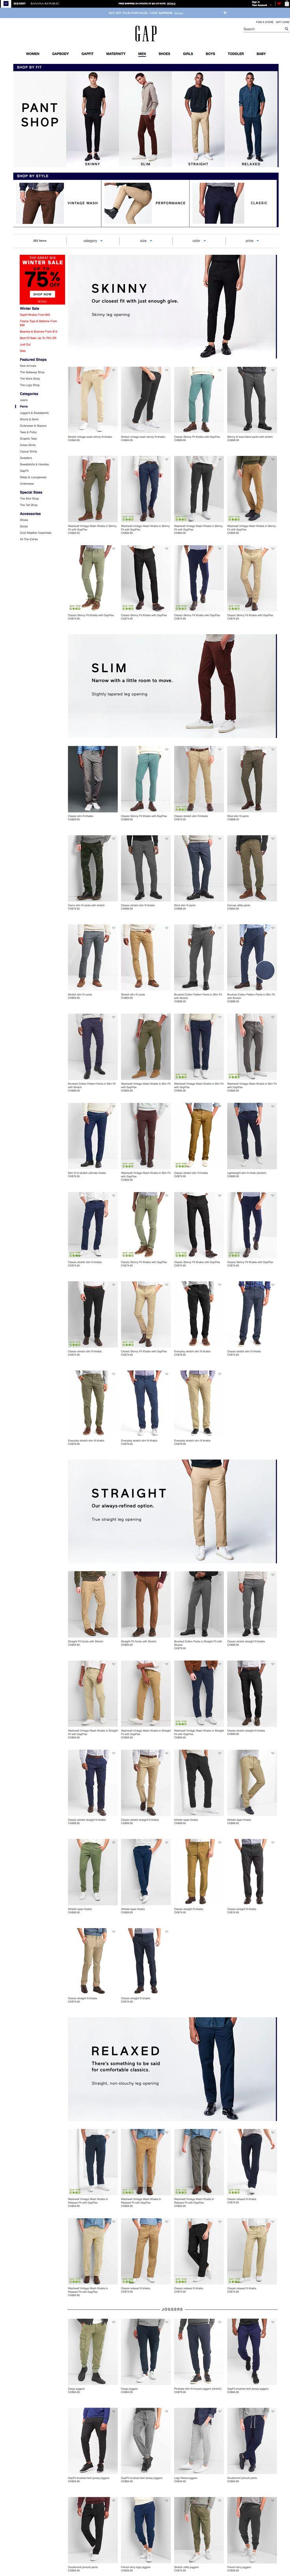 Gap Pants Experience